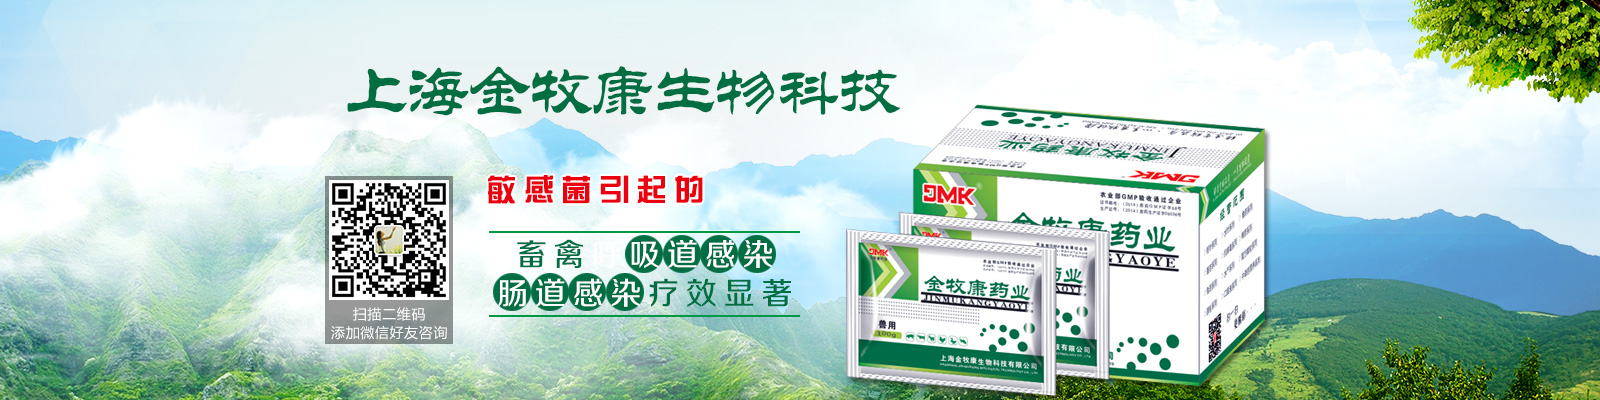 上海金牧康生物科技有限公司